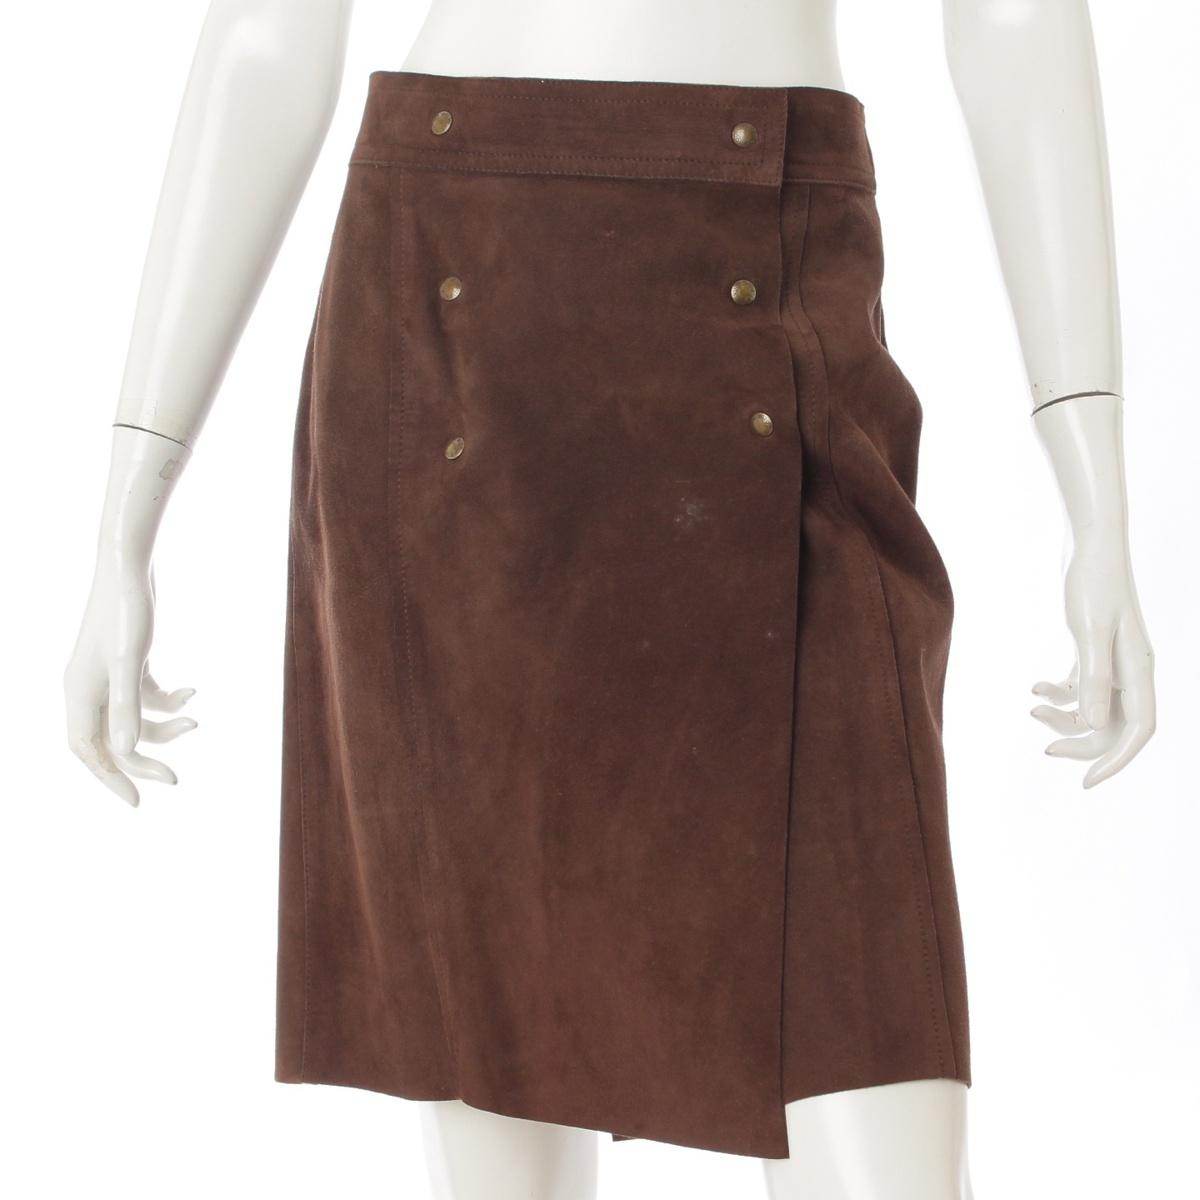 【ルイヴィトン】Louis Vuitton スエード レザー ラップスカート ブラウン 38 【中古】【鑑定済・正規品保証】65525